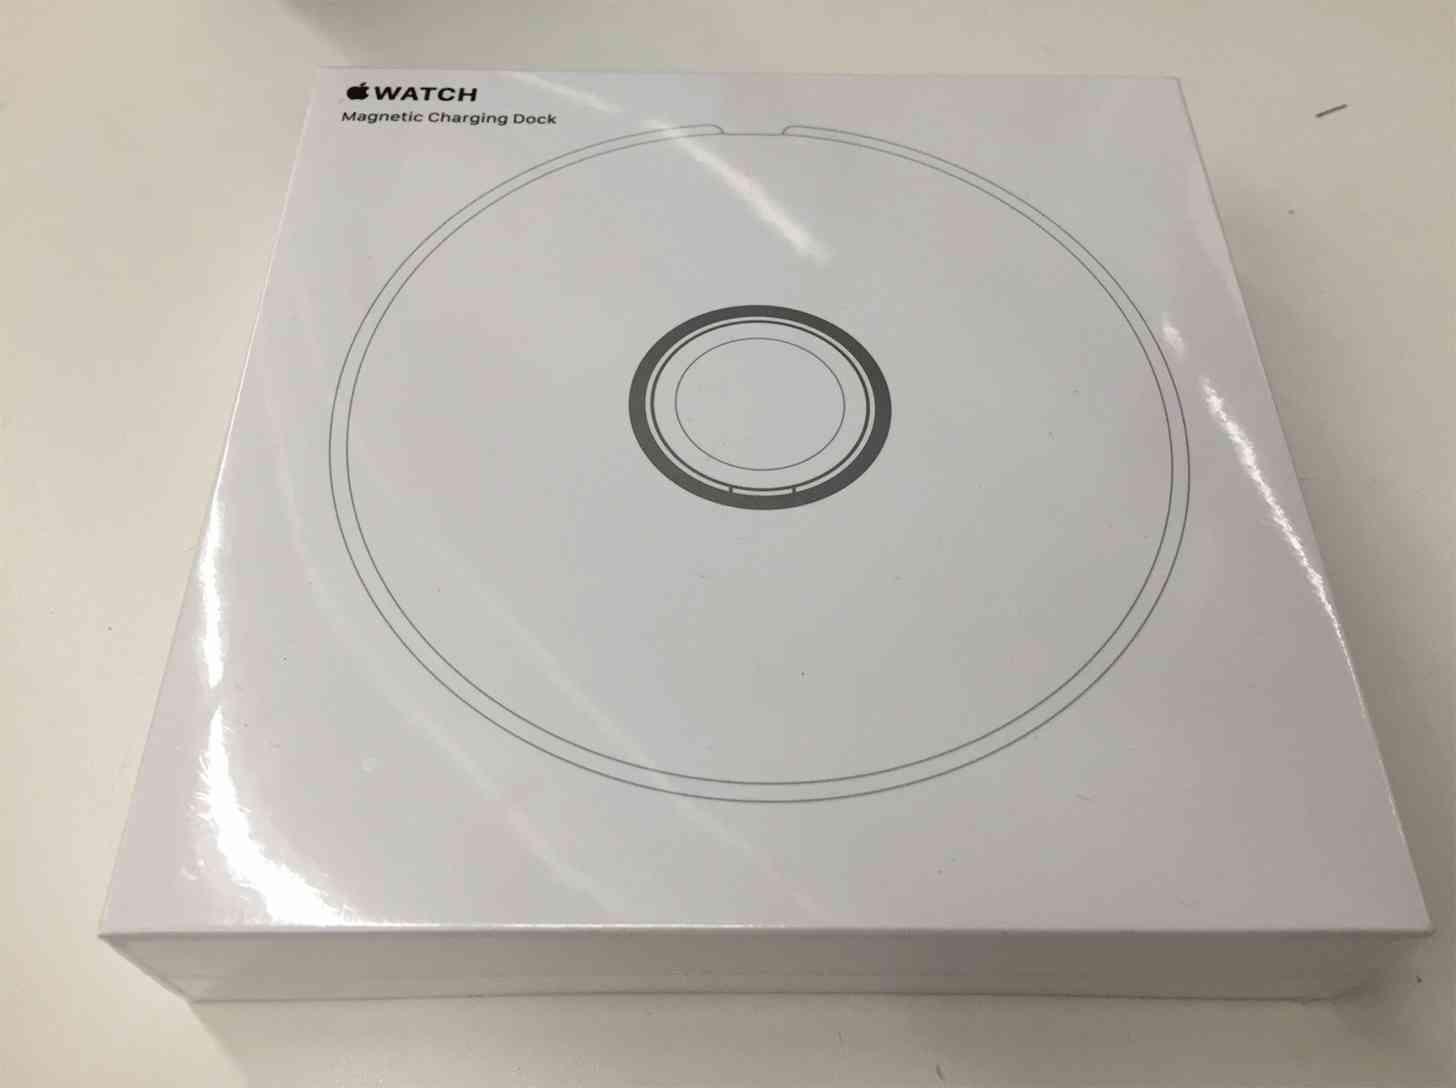 Apple Watch Magnetic Charging Dock packaging leak